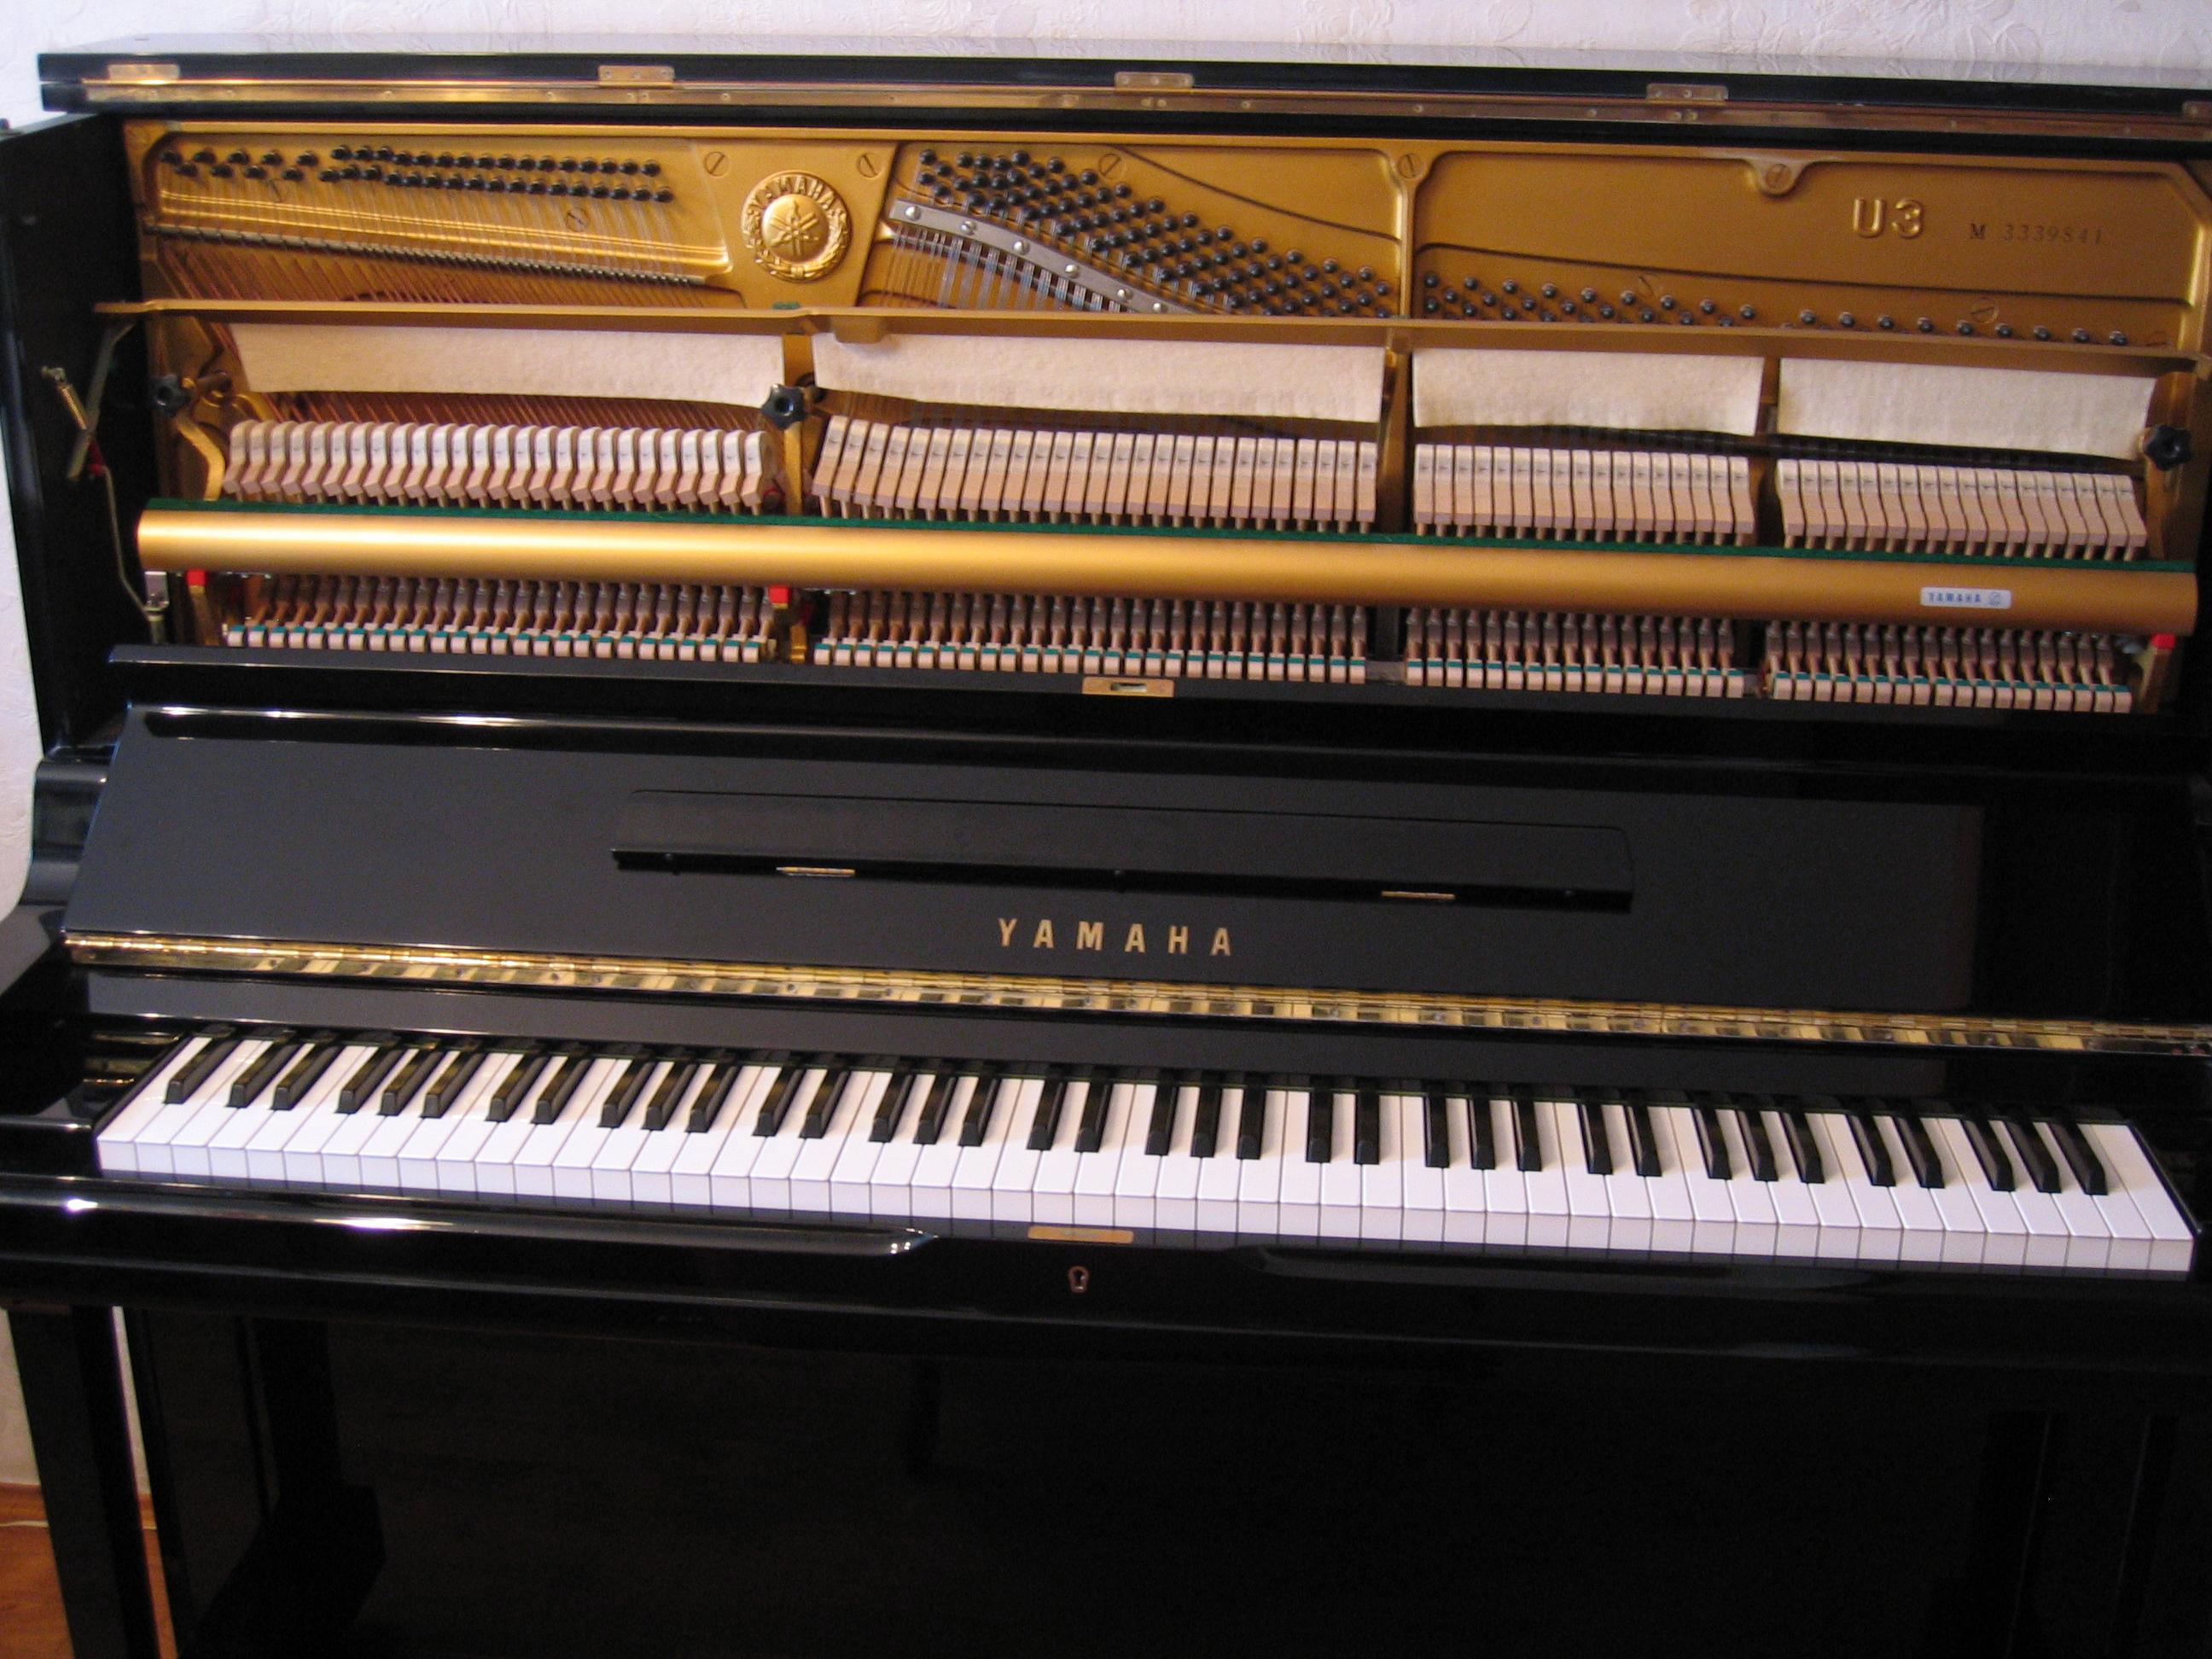 Yamaha u3 image 523047 audiofanzine for Used yamaha u3 upright piano